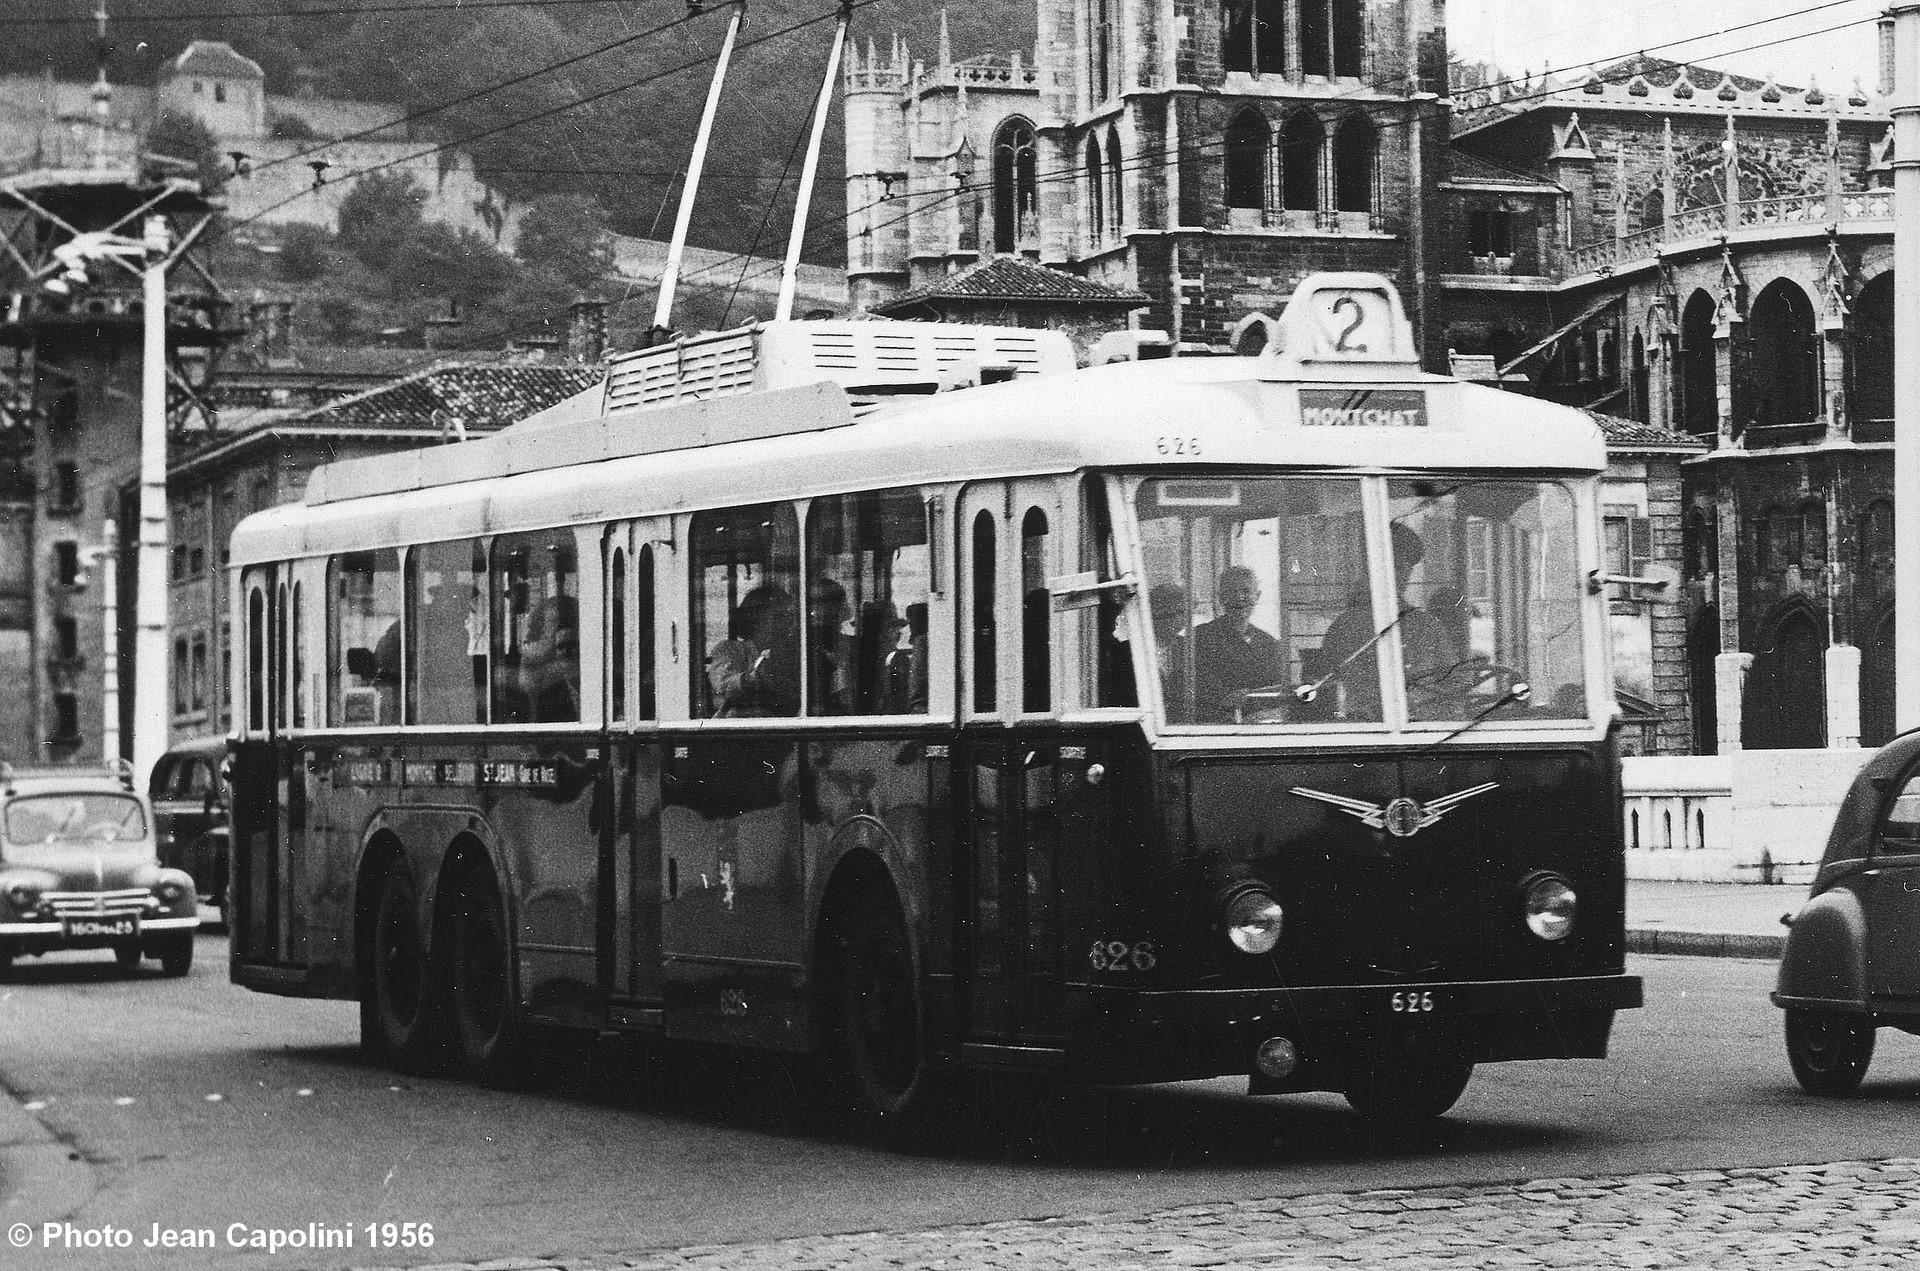 Lyonský vůz typu VA3 ev. č. 626 na lince č. 2 ve směru Montchat byl zachycen v srpnu 1956 na mostě Bonaparte s katedrálou St-Jean Baptiste v pozadí. Povšimněte si odporníků namontovaných na střechu, díky čemuž mohl být v zimě do salónu cestujících vháněn teplý vzduch. (foto: Jean Capolini)